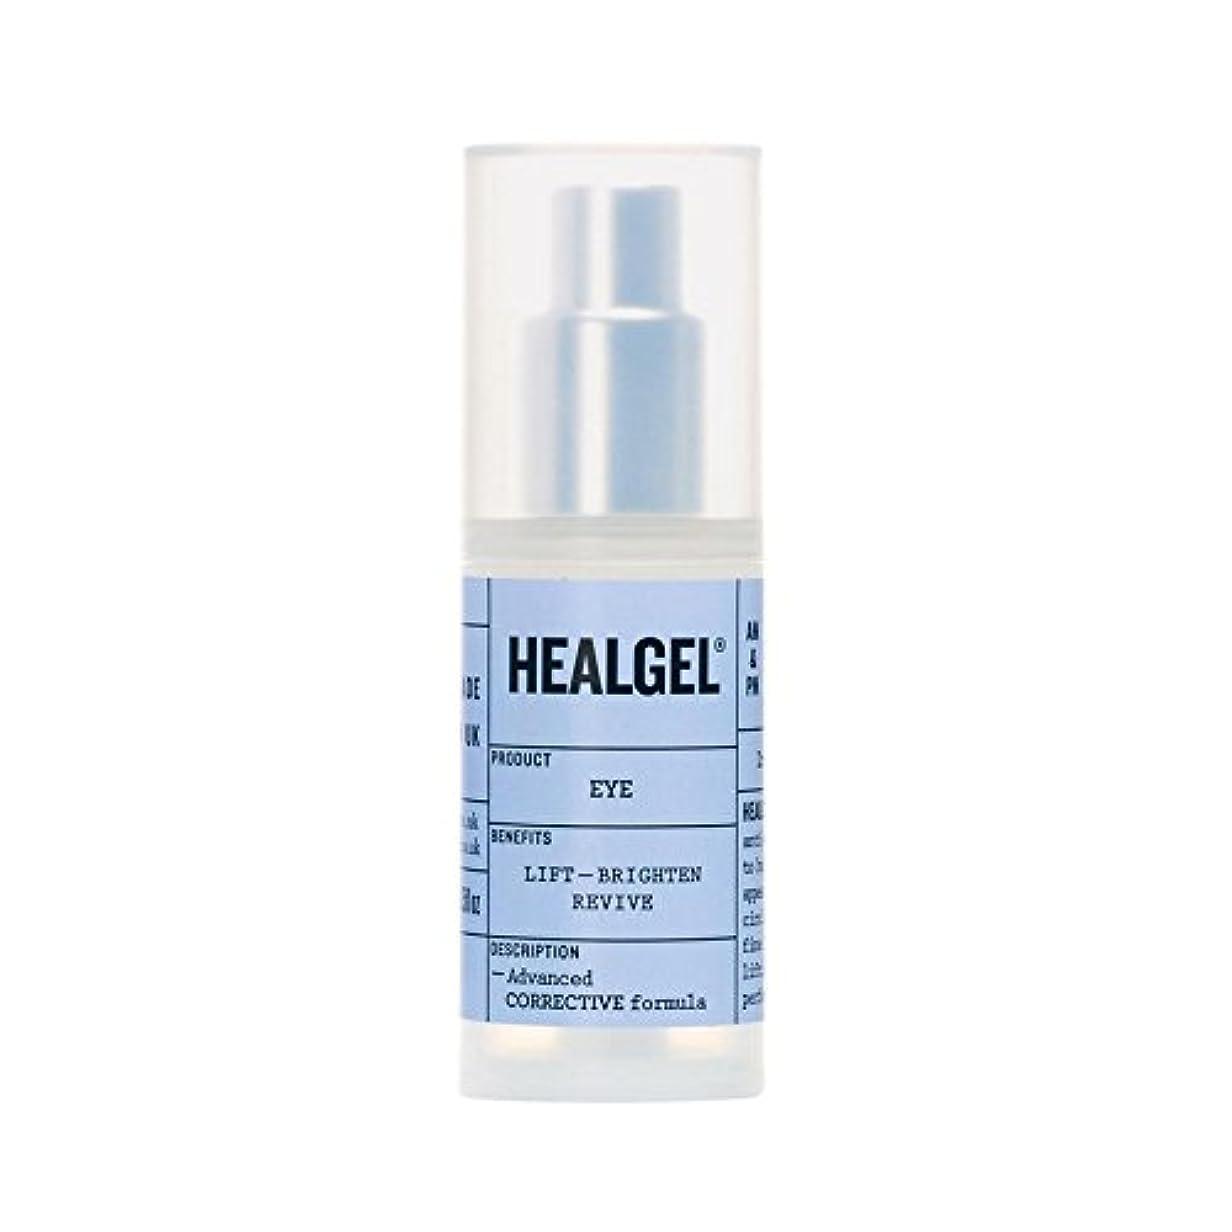 フェデレーション悪質な海外ゲル白眼式15ミリリットルを癒します x4 - Heal Gel Brightening Eye Formula 15ml (Pack of 4) [並行輸入品]